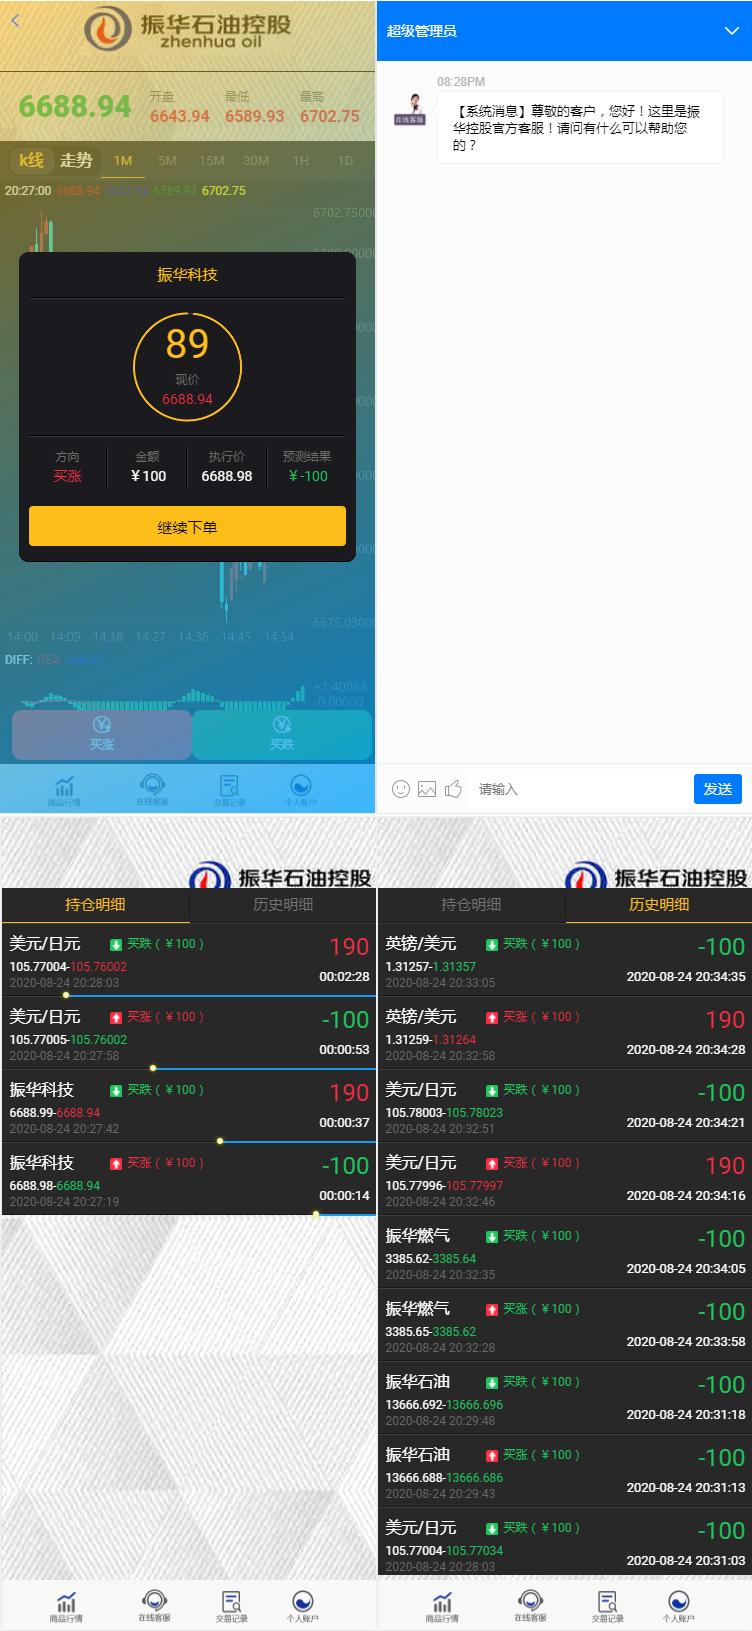 8月更新石油振华控股+微盘二开ui完整版+K线正常+不卡顿+文字教程